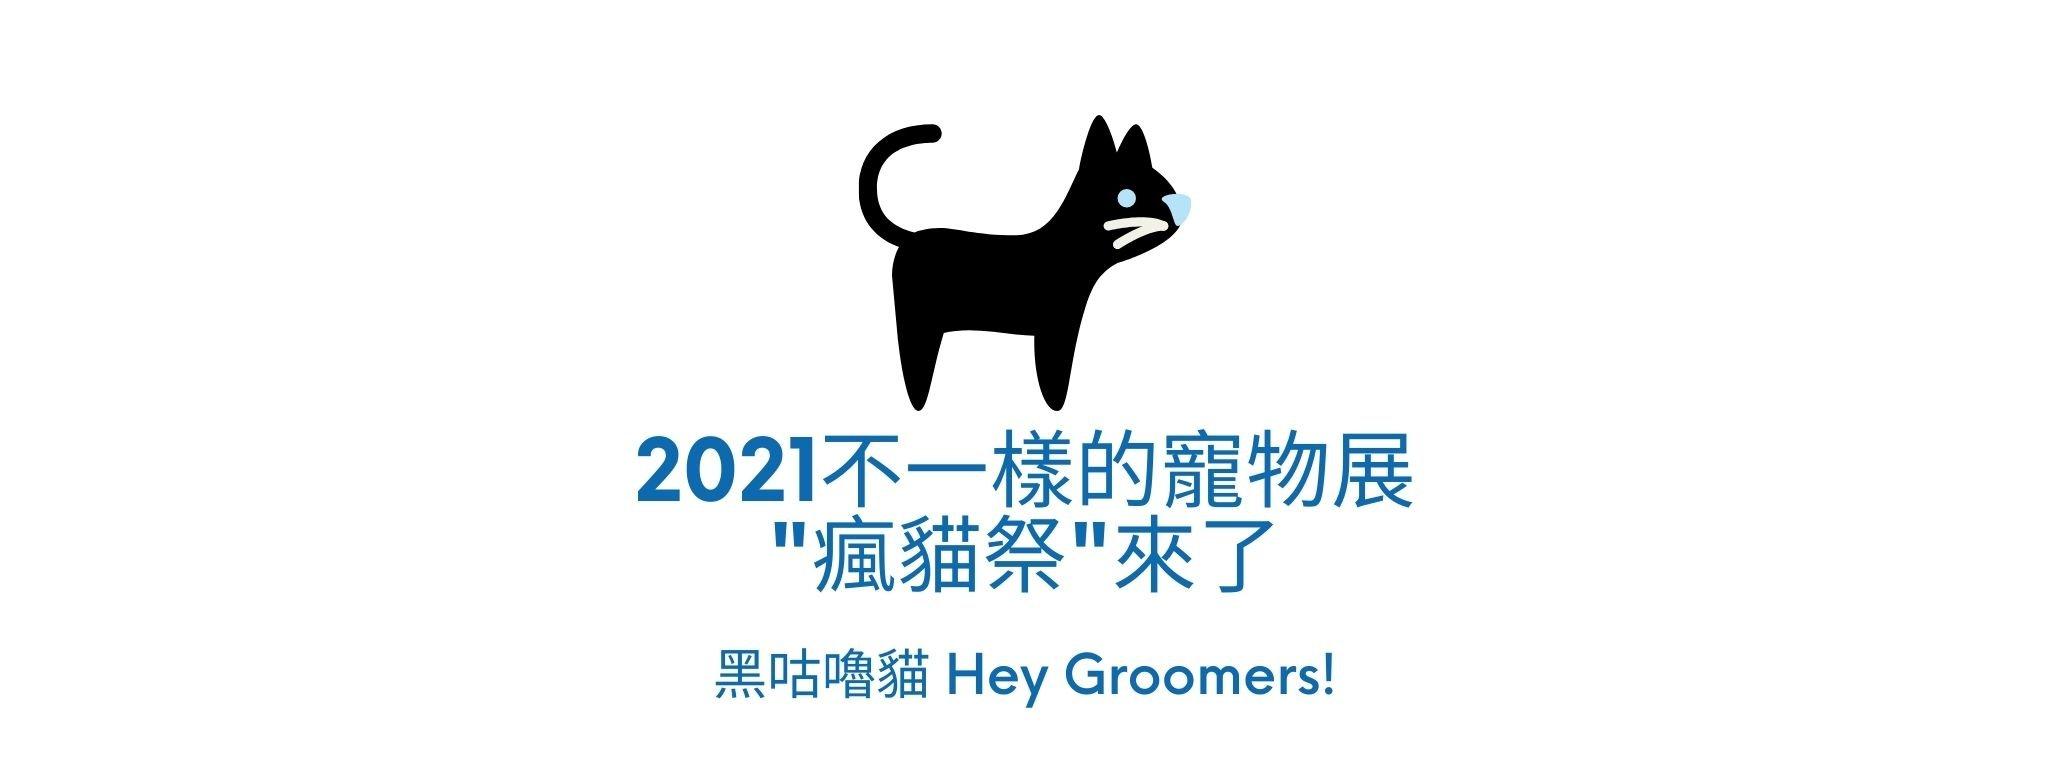 2021 寵物展 瘋貓祭